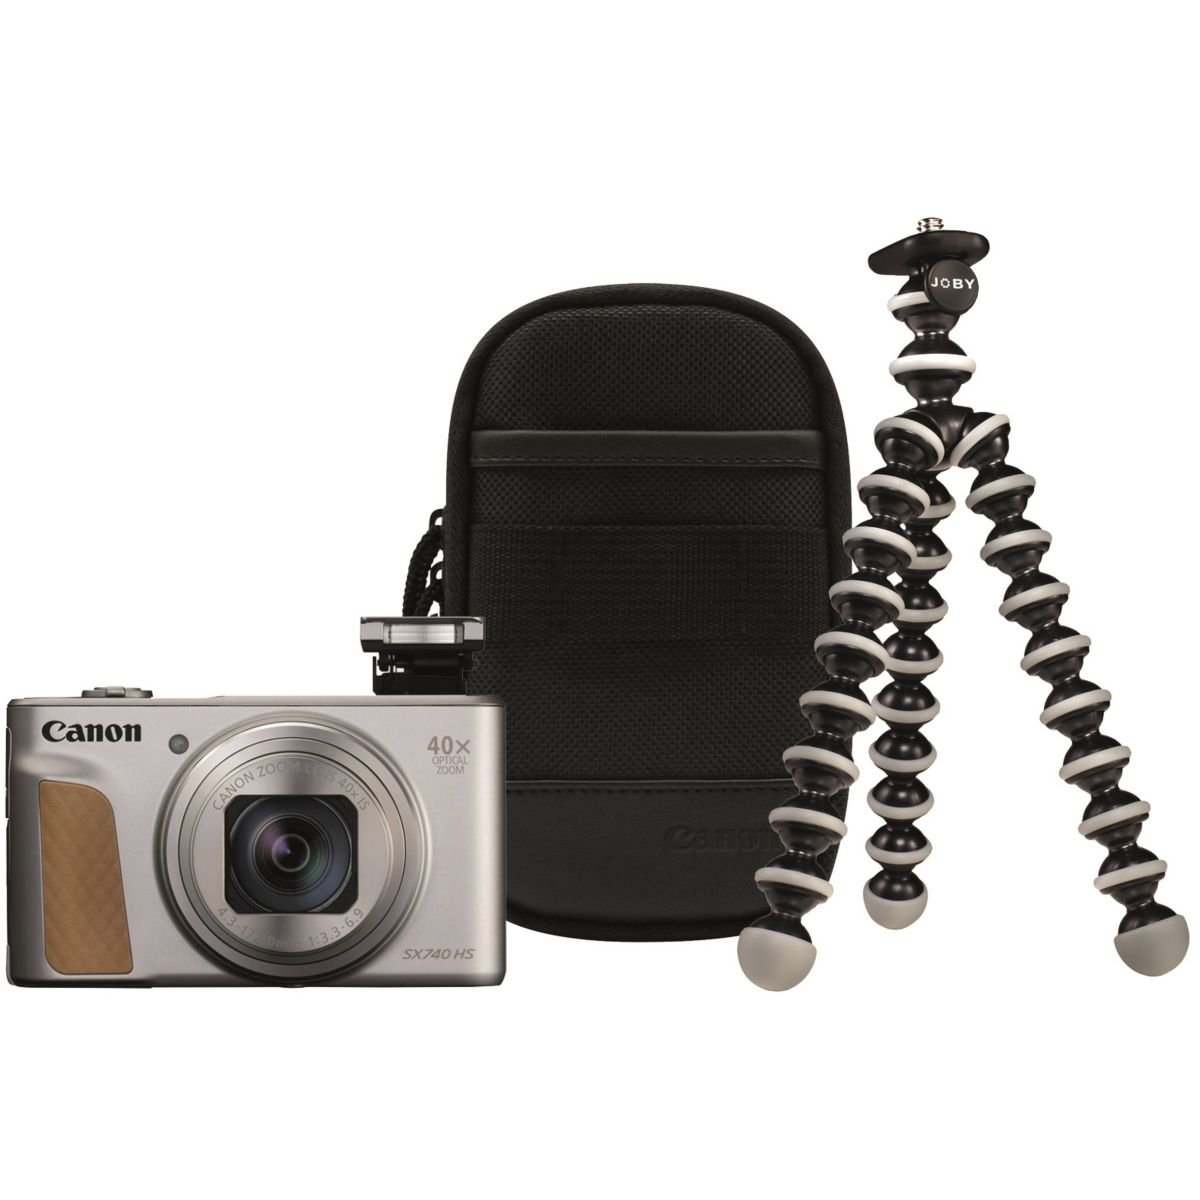 Appareil photo Compact CANON PowerShot SX740 HS Argent+Trepied+Housse